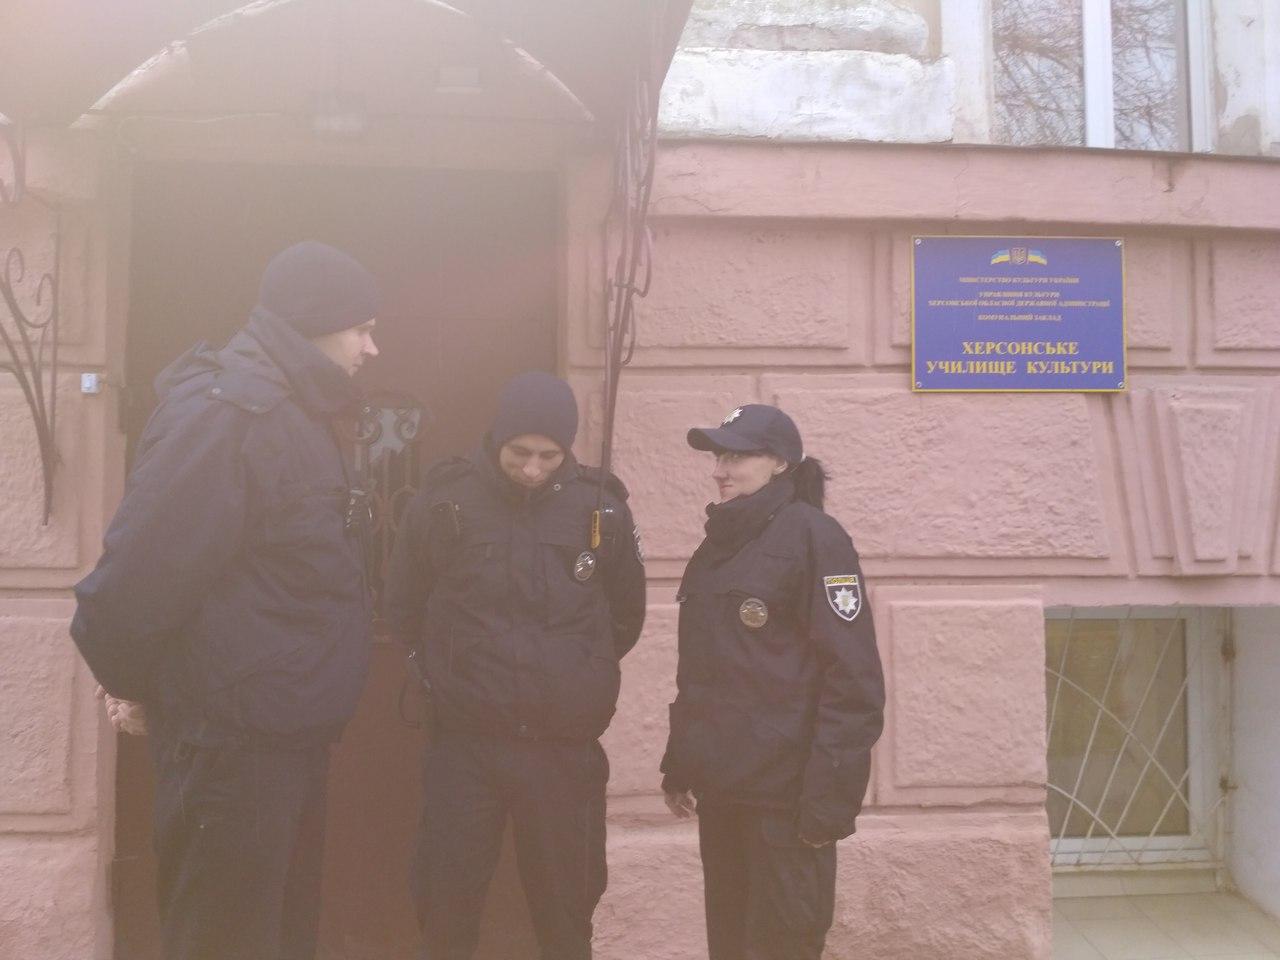 Для буйных преподавателей Херсонского училища культуры вызывали полицию